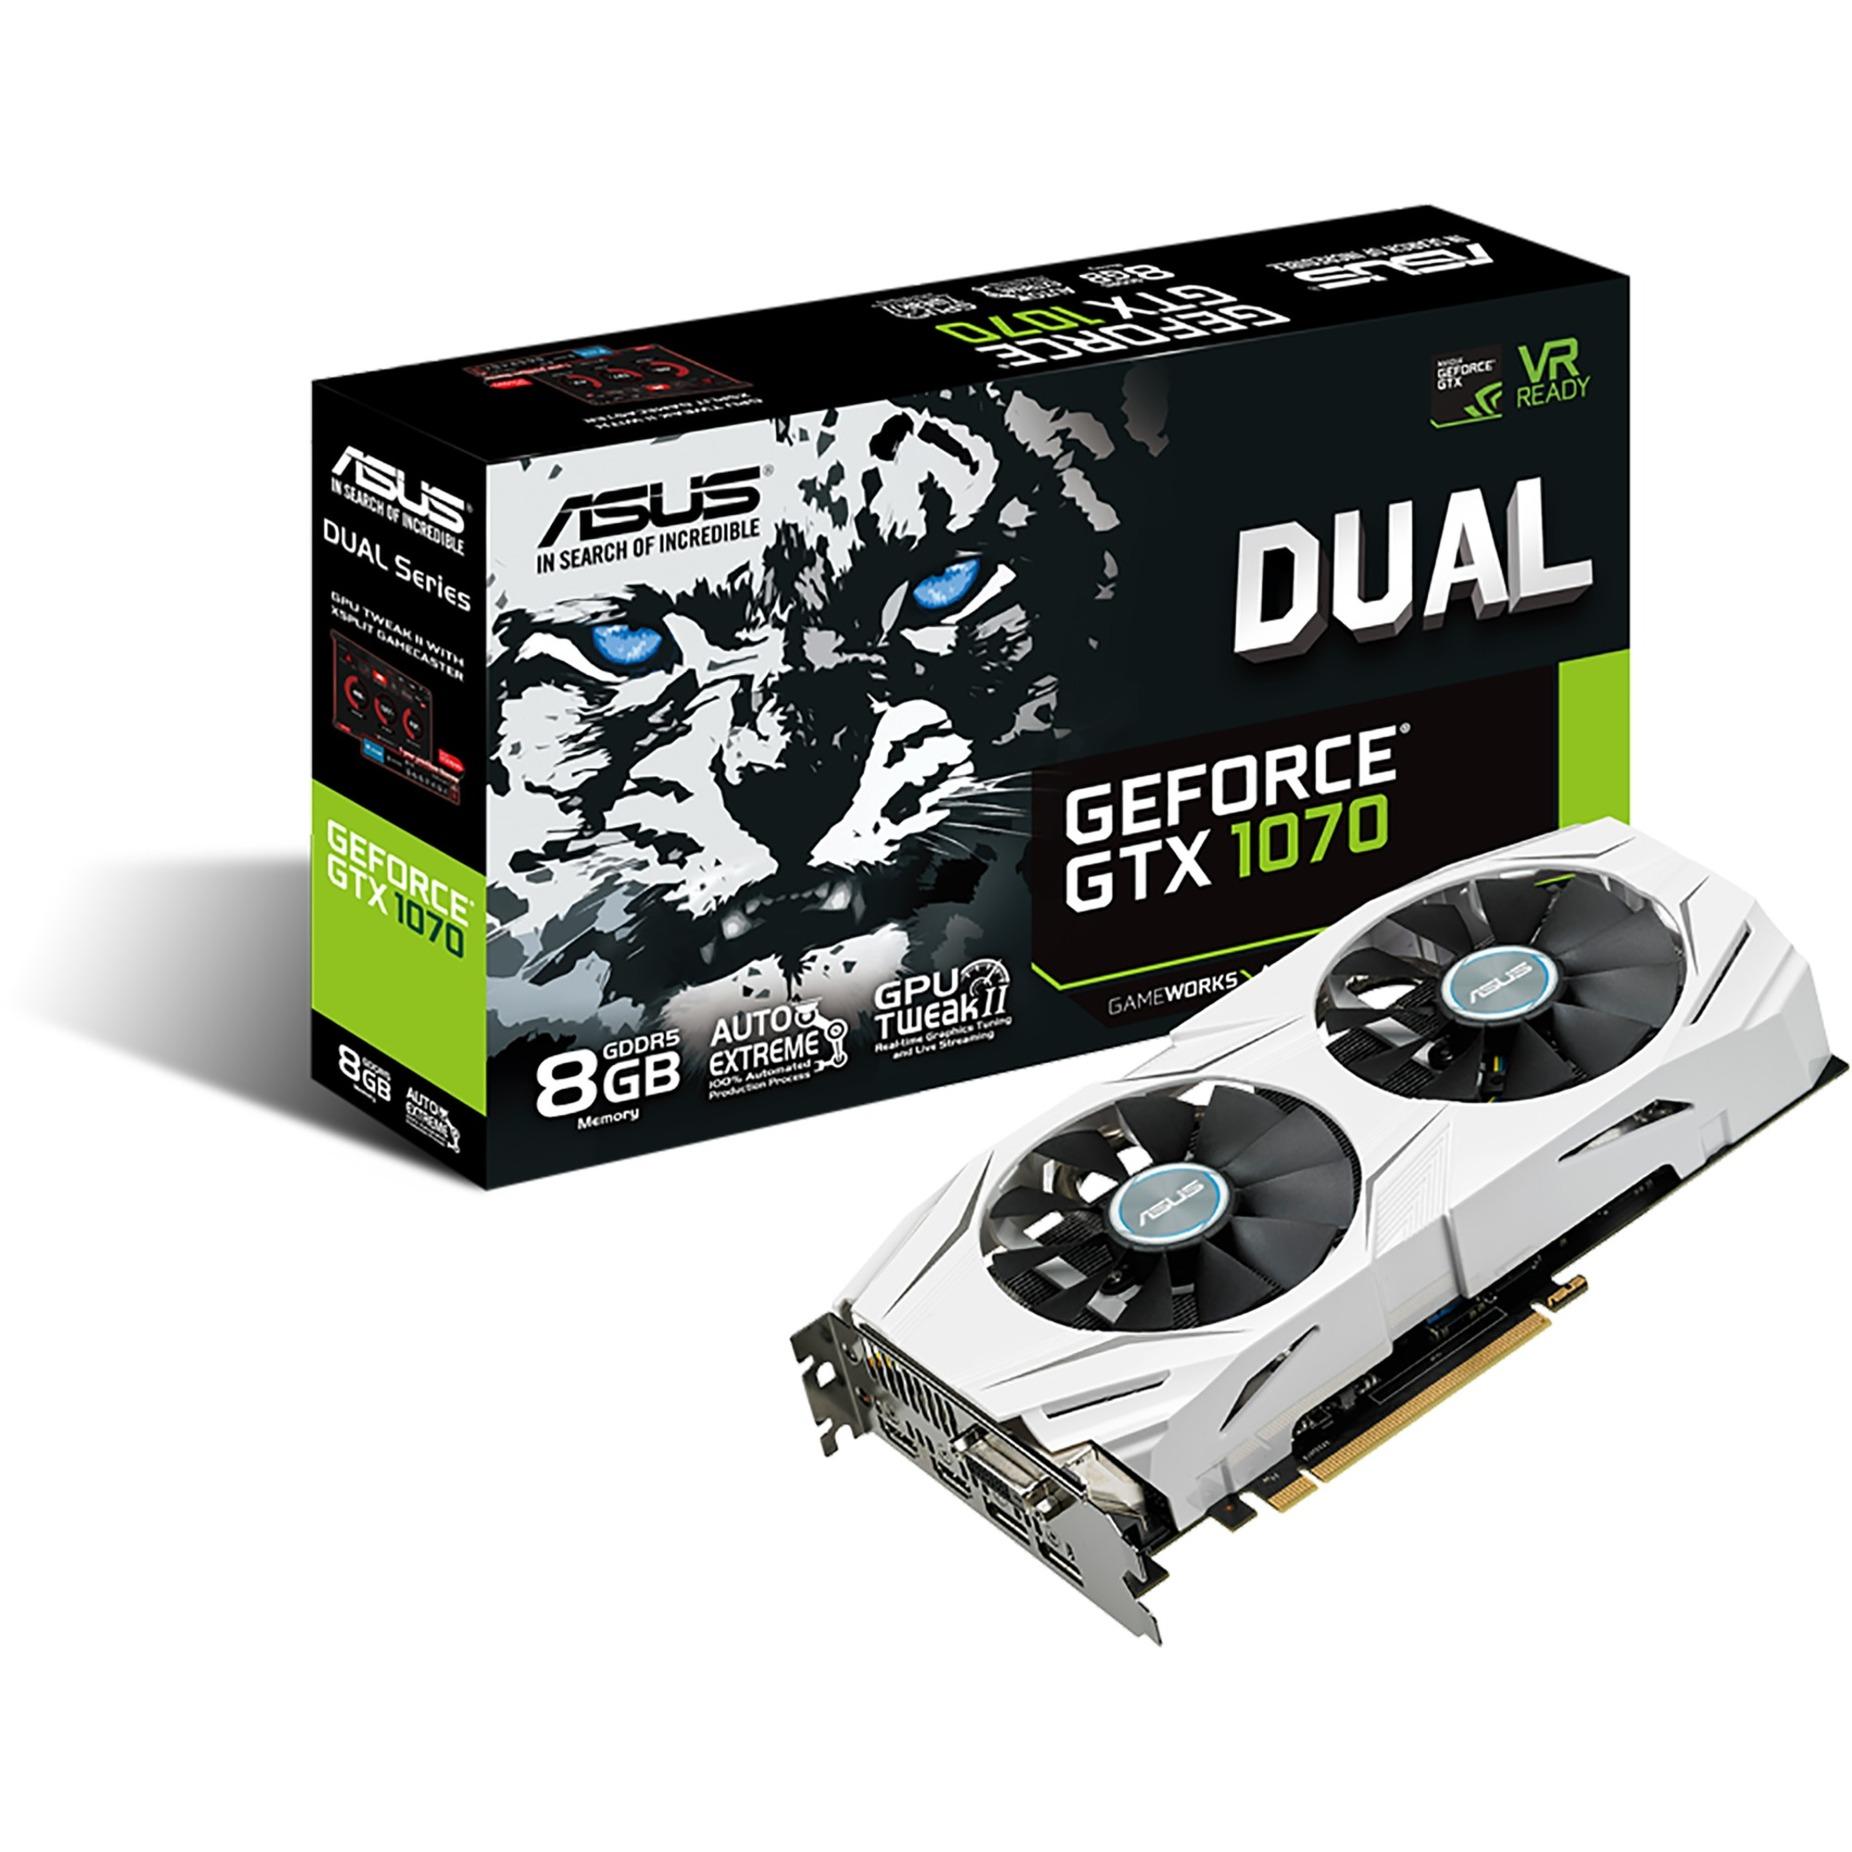 DUAL-GTX1070-8G GeForce GTX 1070 8GB GDDR5, Tarjeta gráfica